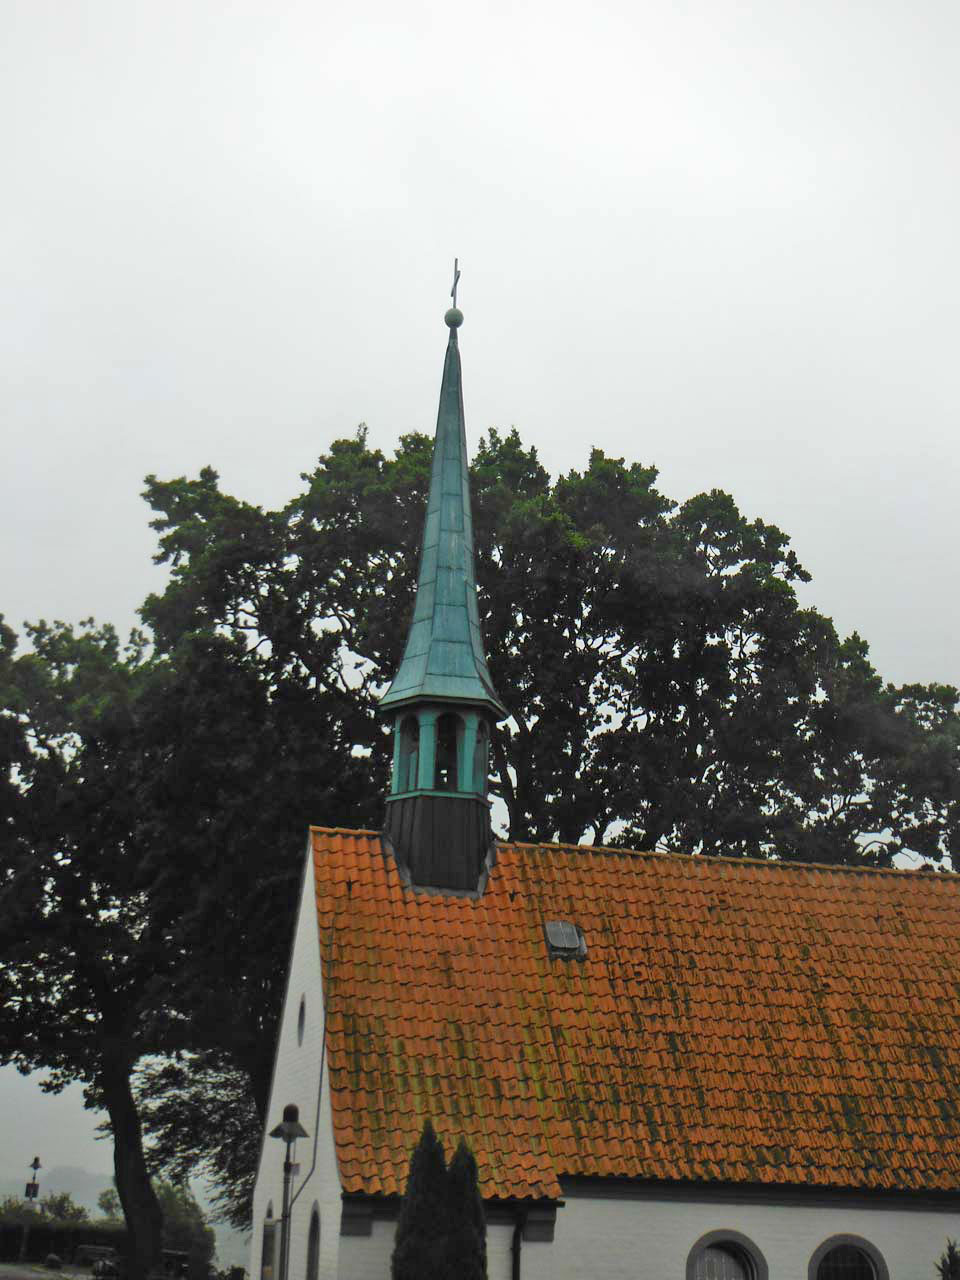 Glockenturm der kleinen Schifferkirche in Maasholm